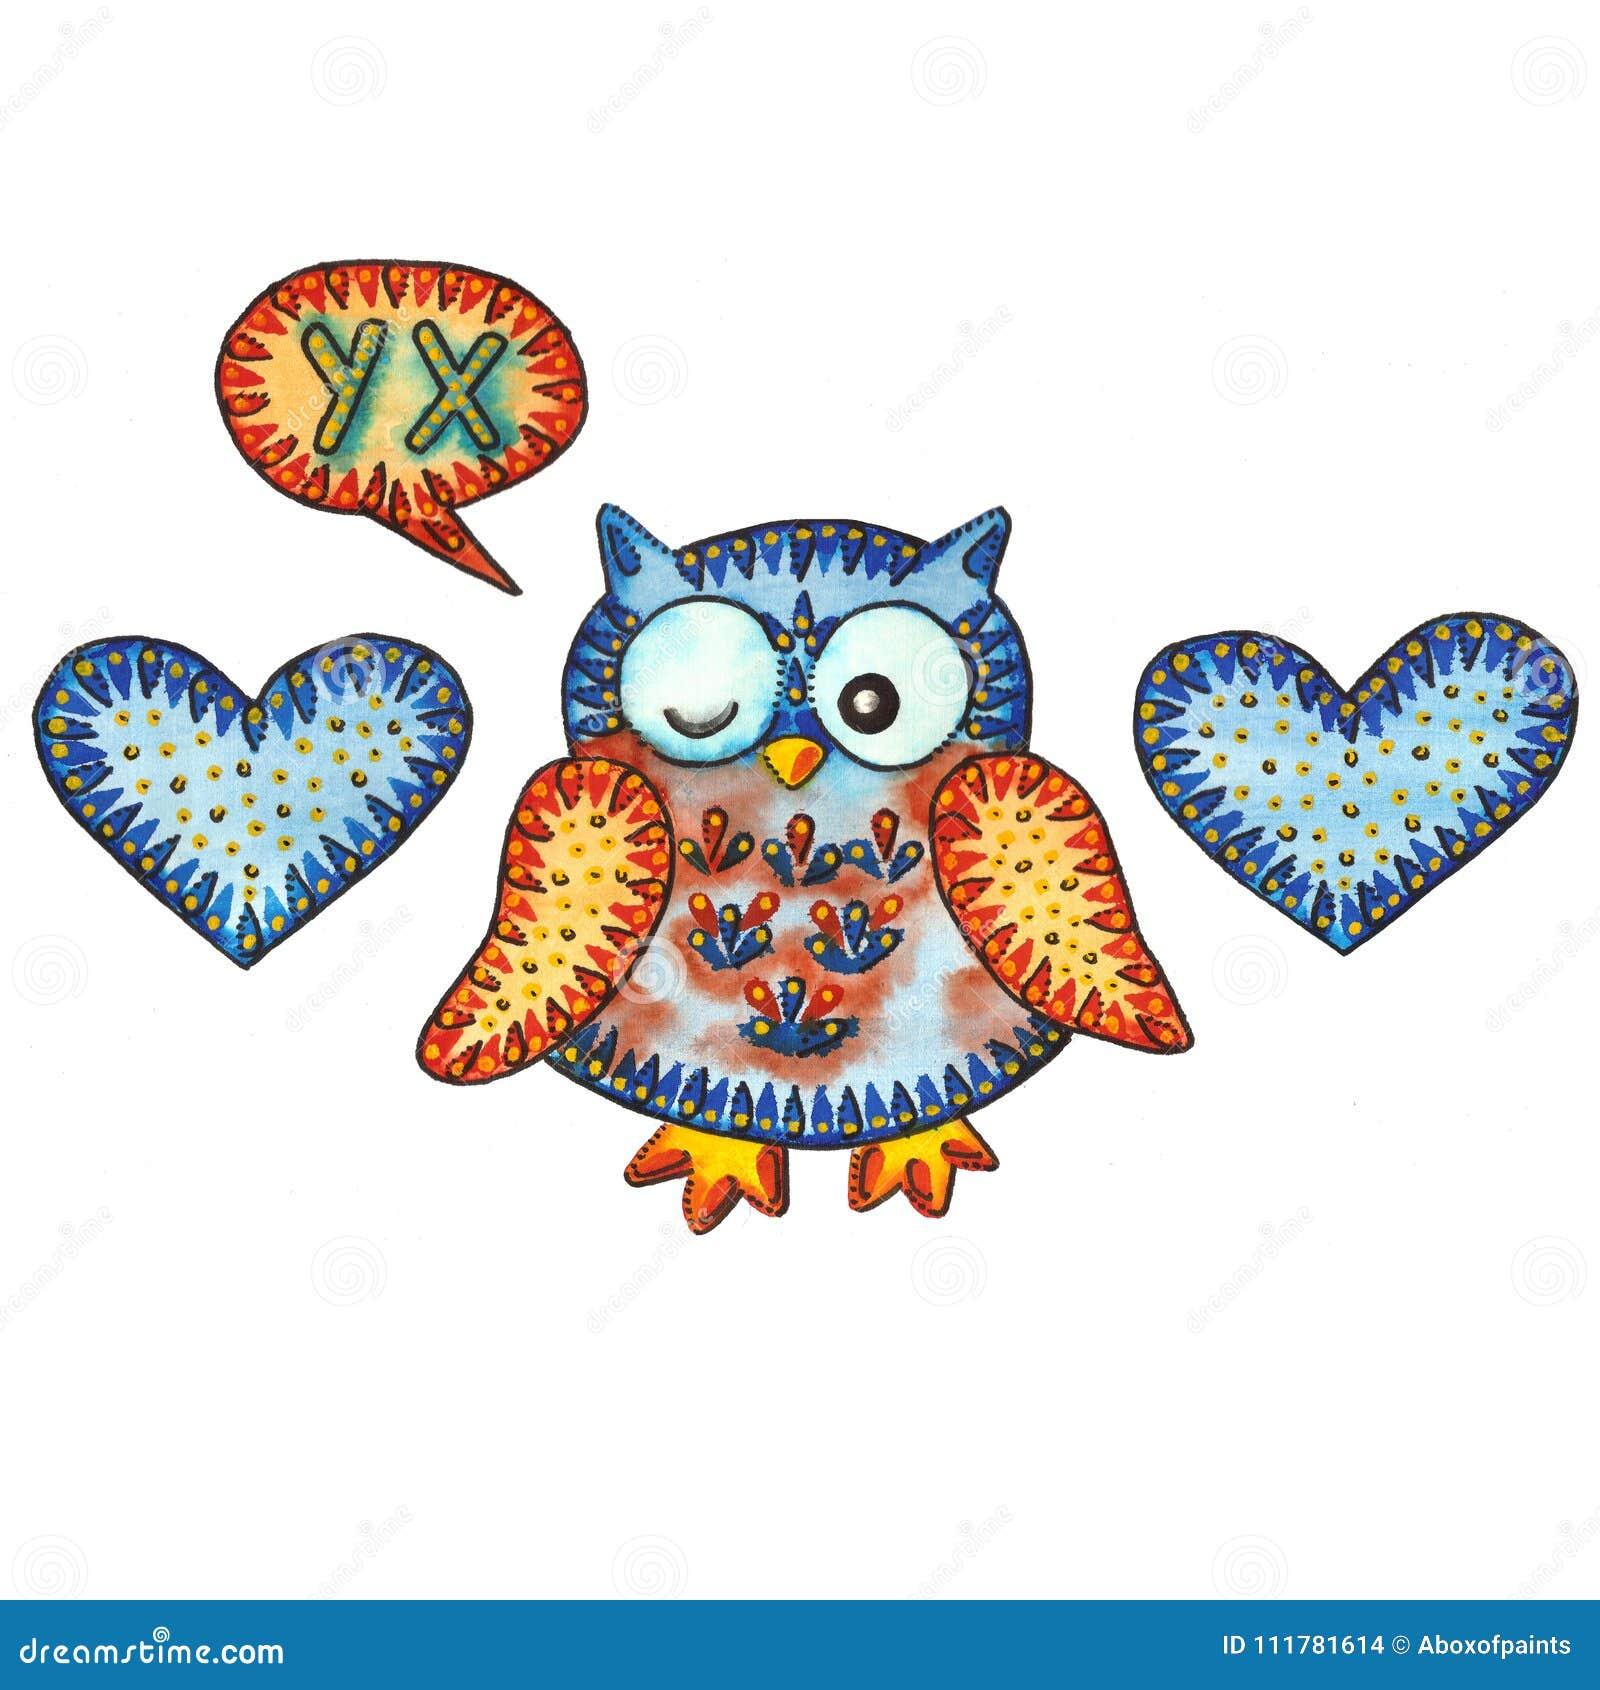 OWL / OOH